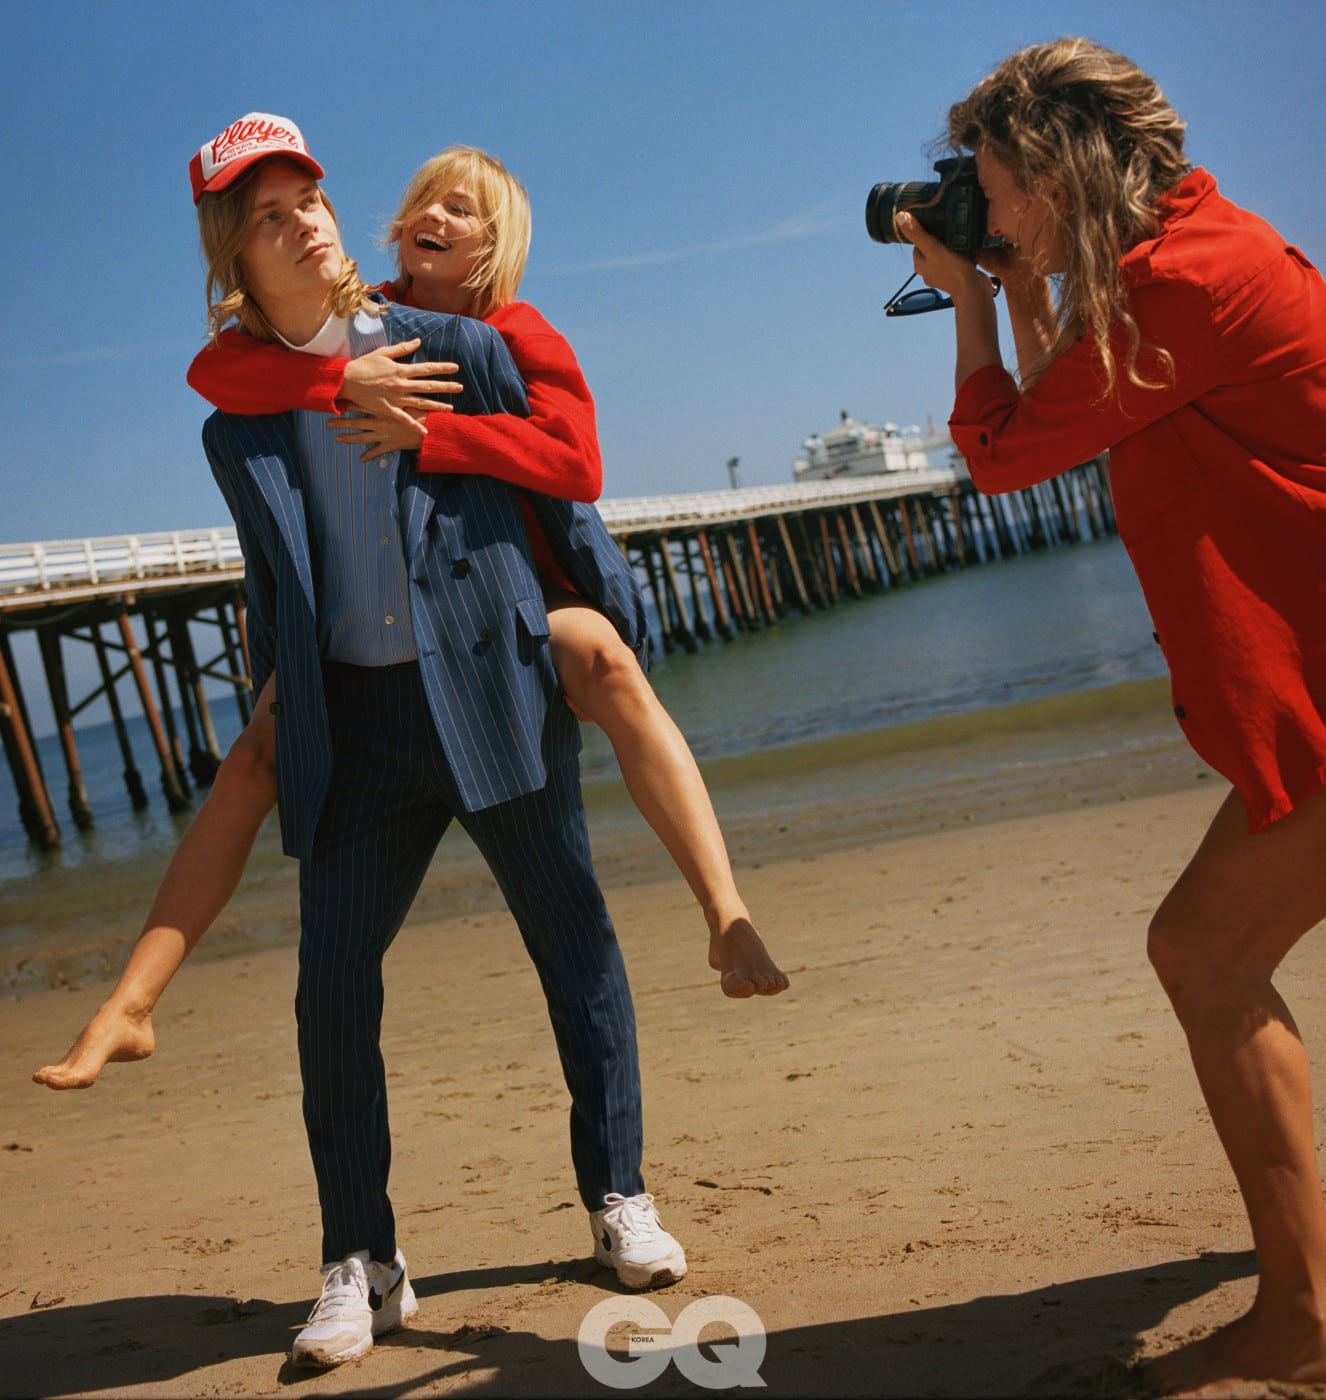 수트 가격 미정, 빌리어네어. 니트 €175, 알릭스 스튜디오 at stylebop.com. 운동화 €90, 나이키. 셔츠와 모자는 스타일리스트의 것.